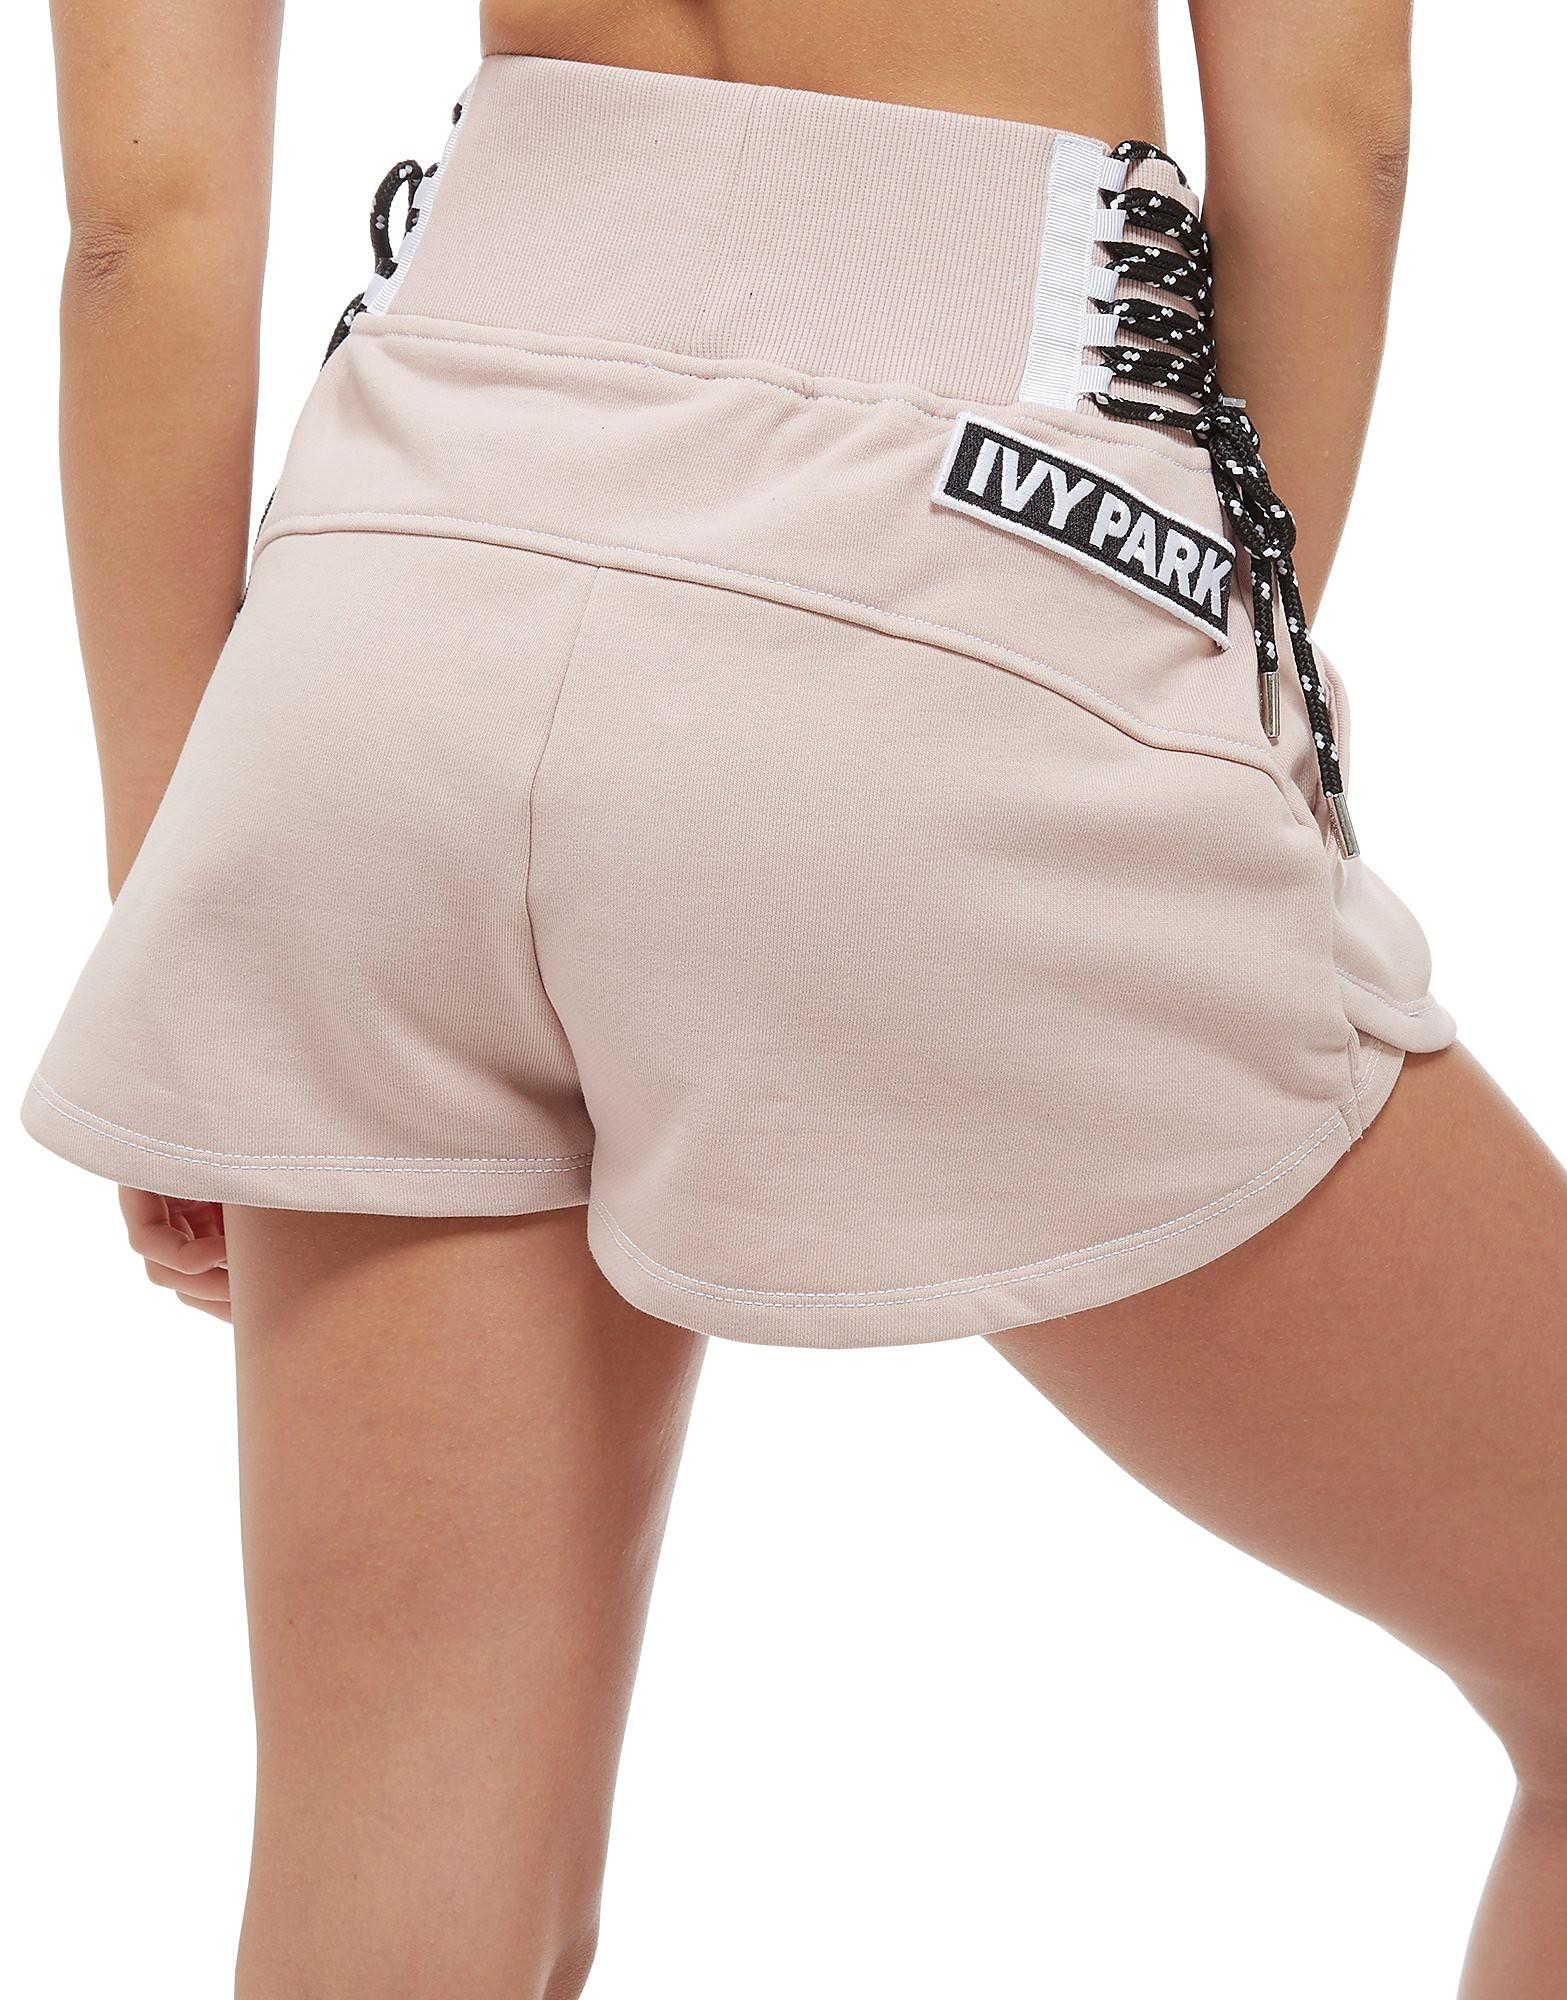 IVY PARK Lace Up Shorts